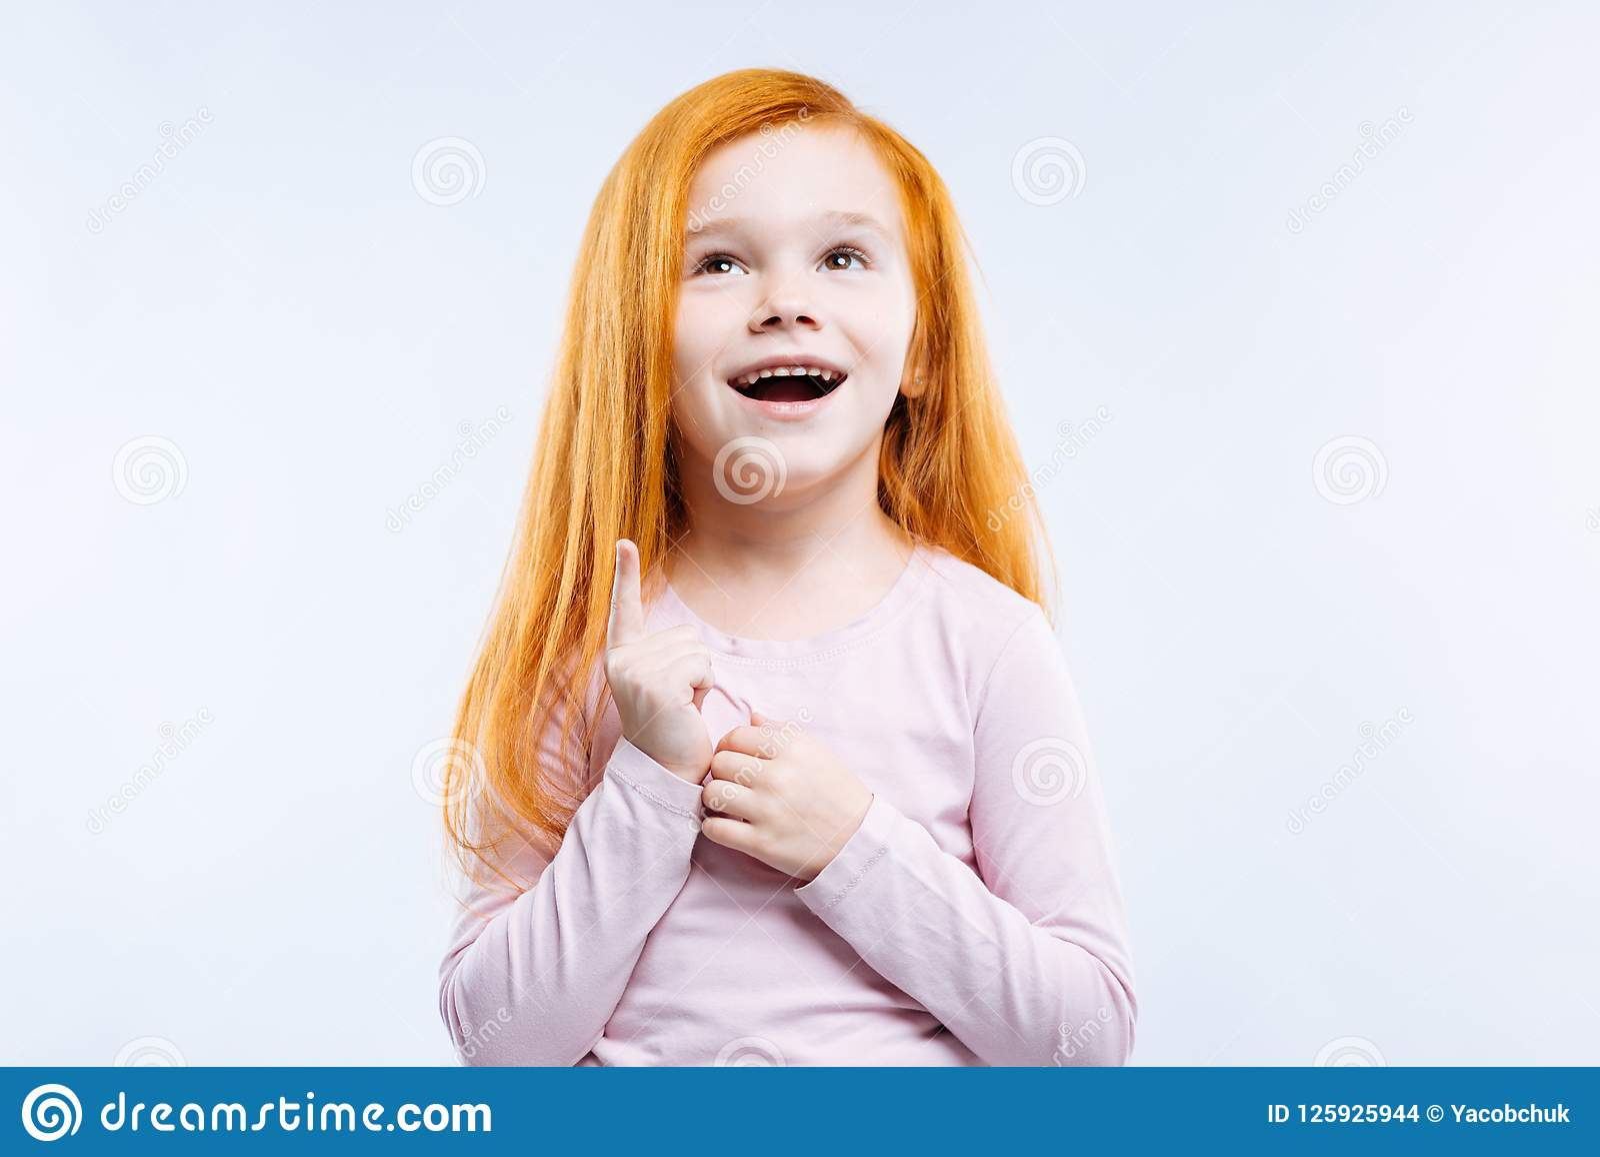 Rozochocona pozytywna dziewczyna jest w optymistycznie nastroju